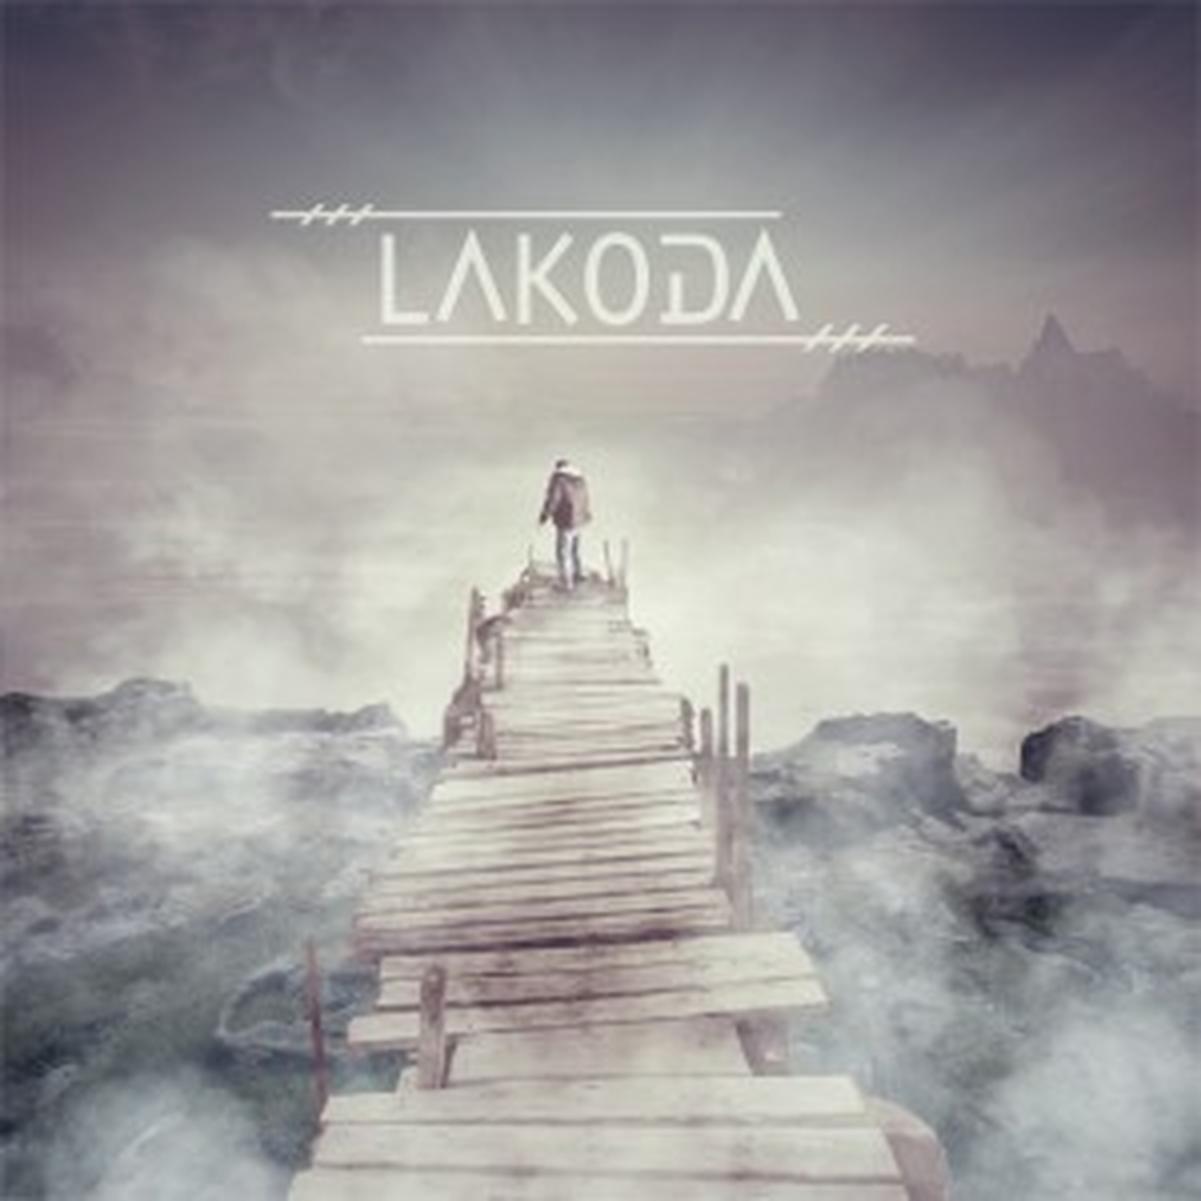 Lakoda